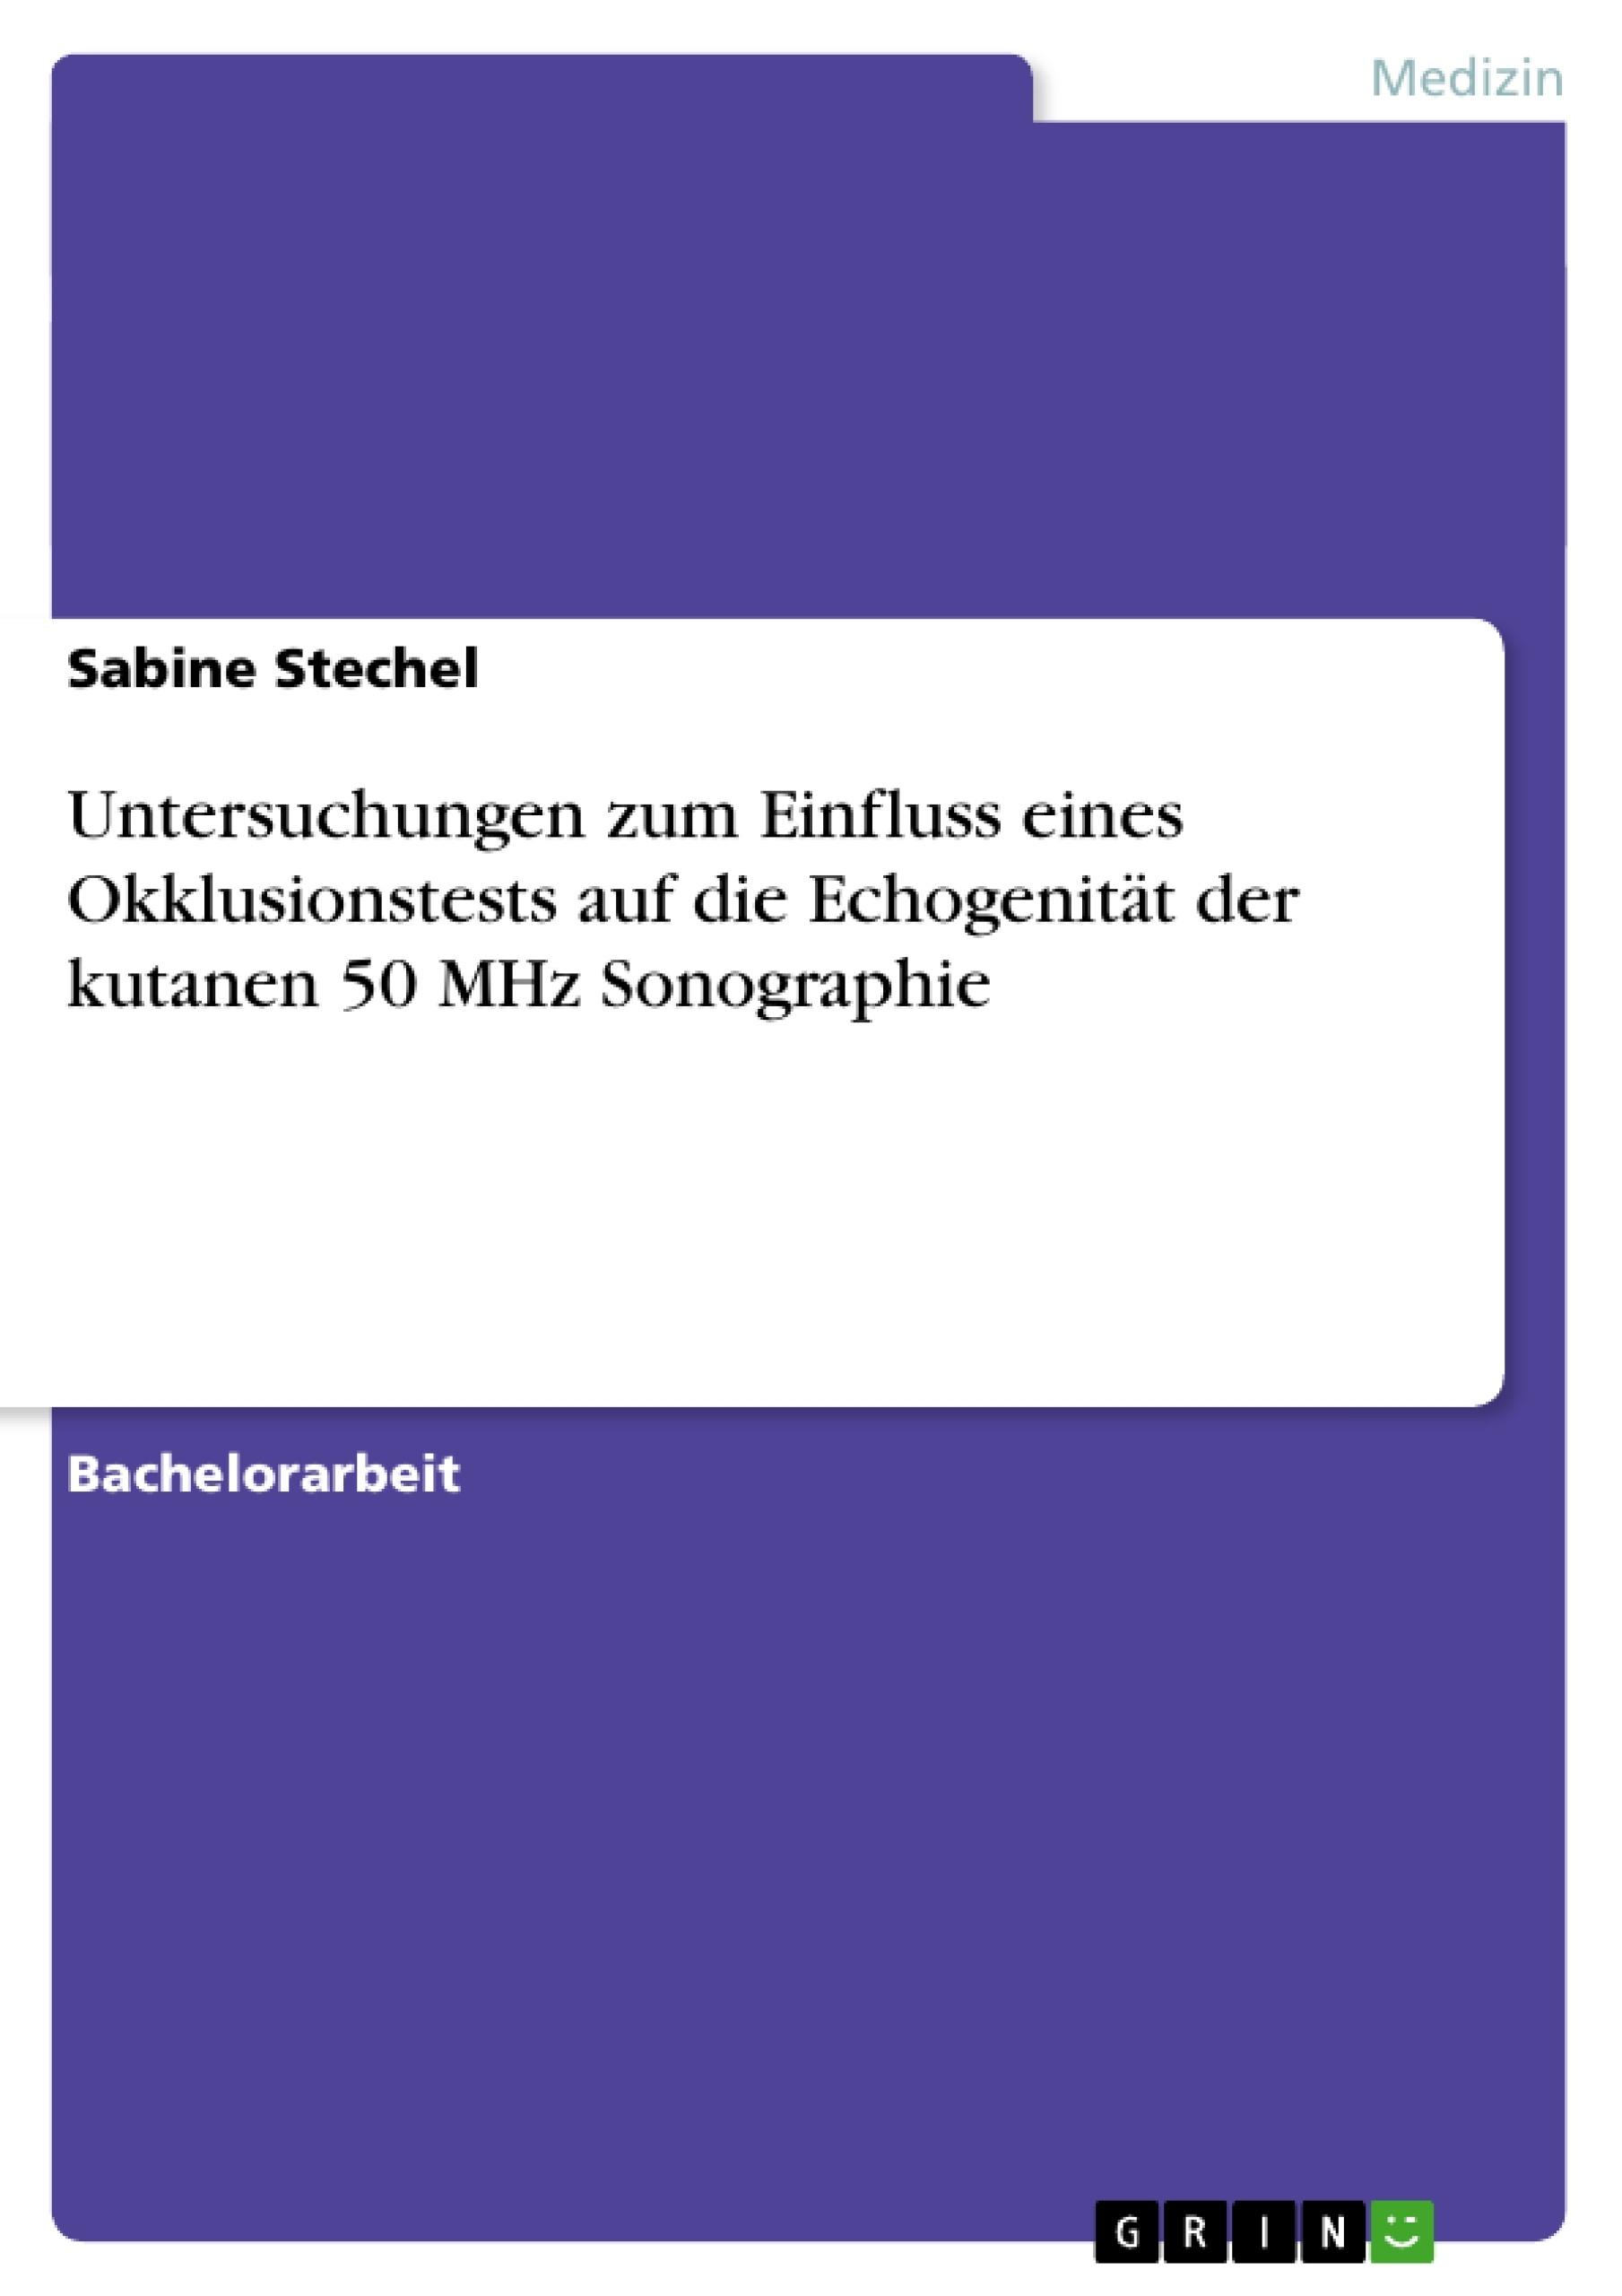 Titel: Untersuchungen zum Einfluss eines Okklusionstests auf die Echogenität der kutanen 50 MHz Sonographie